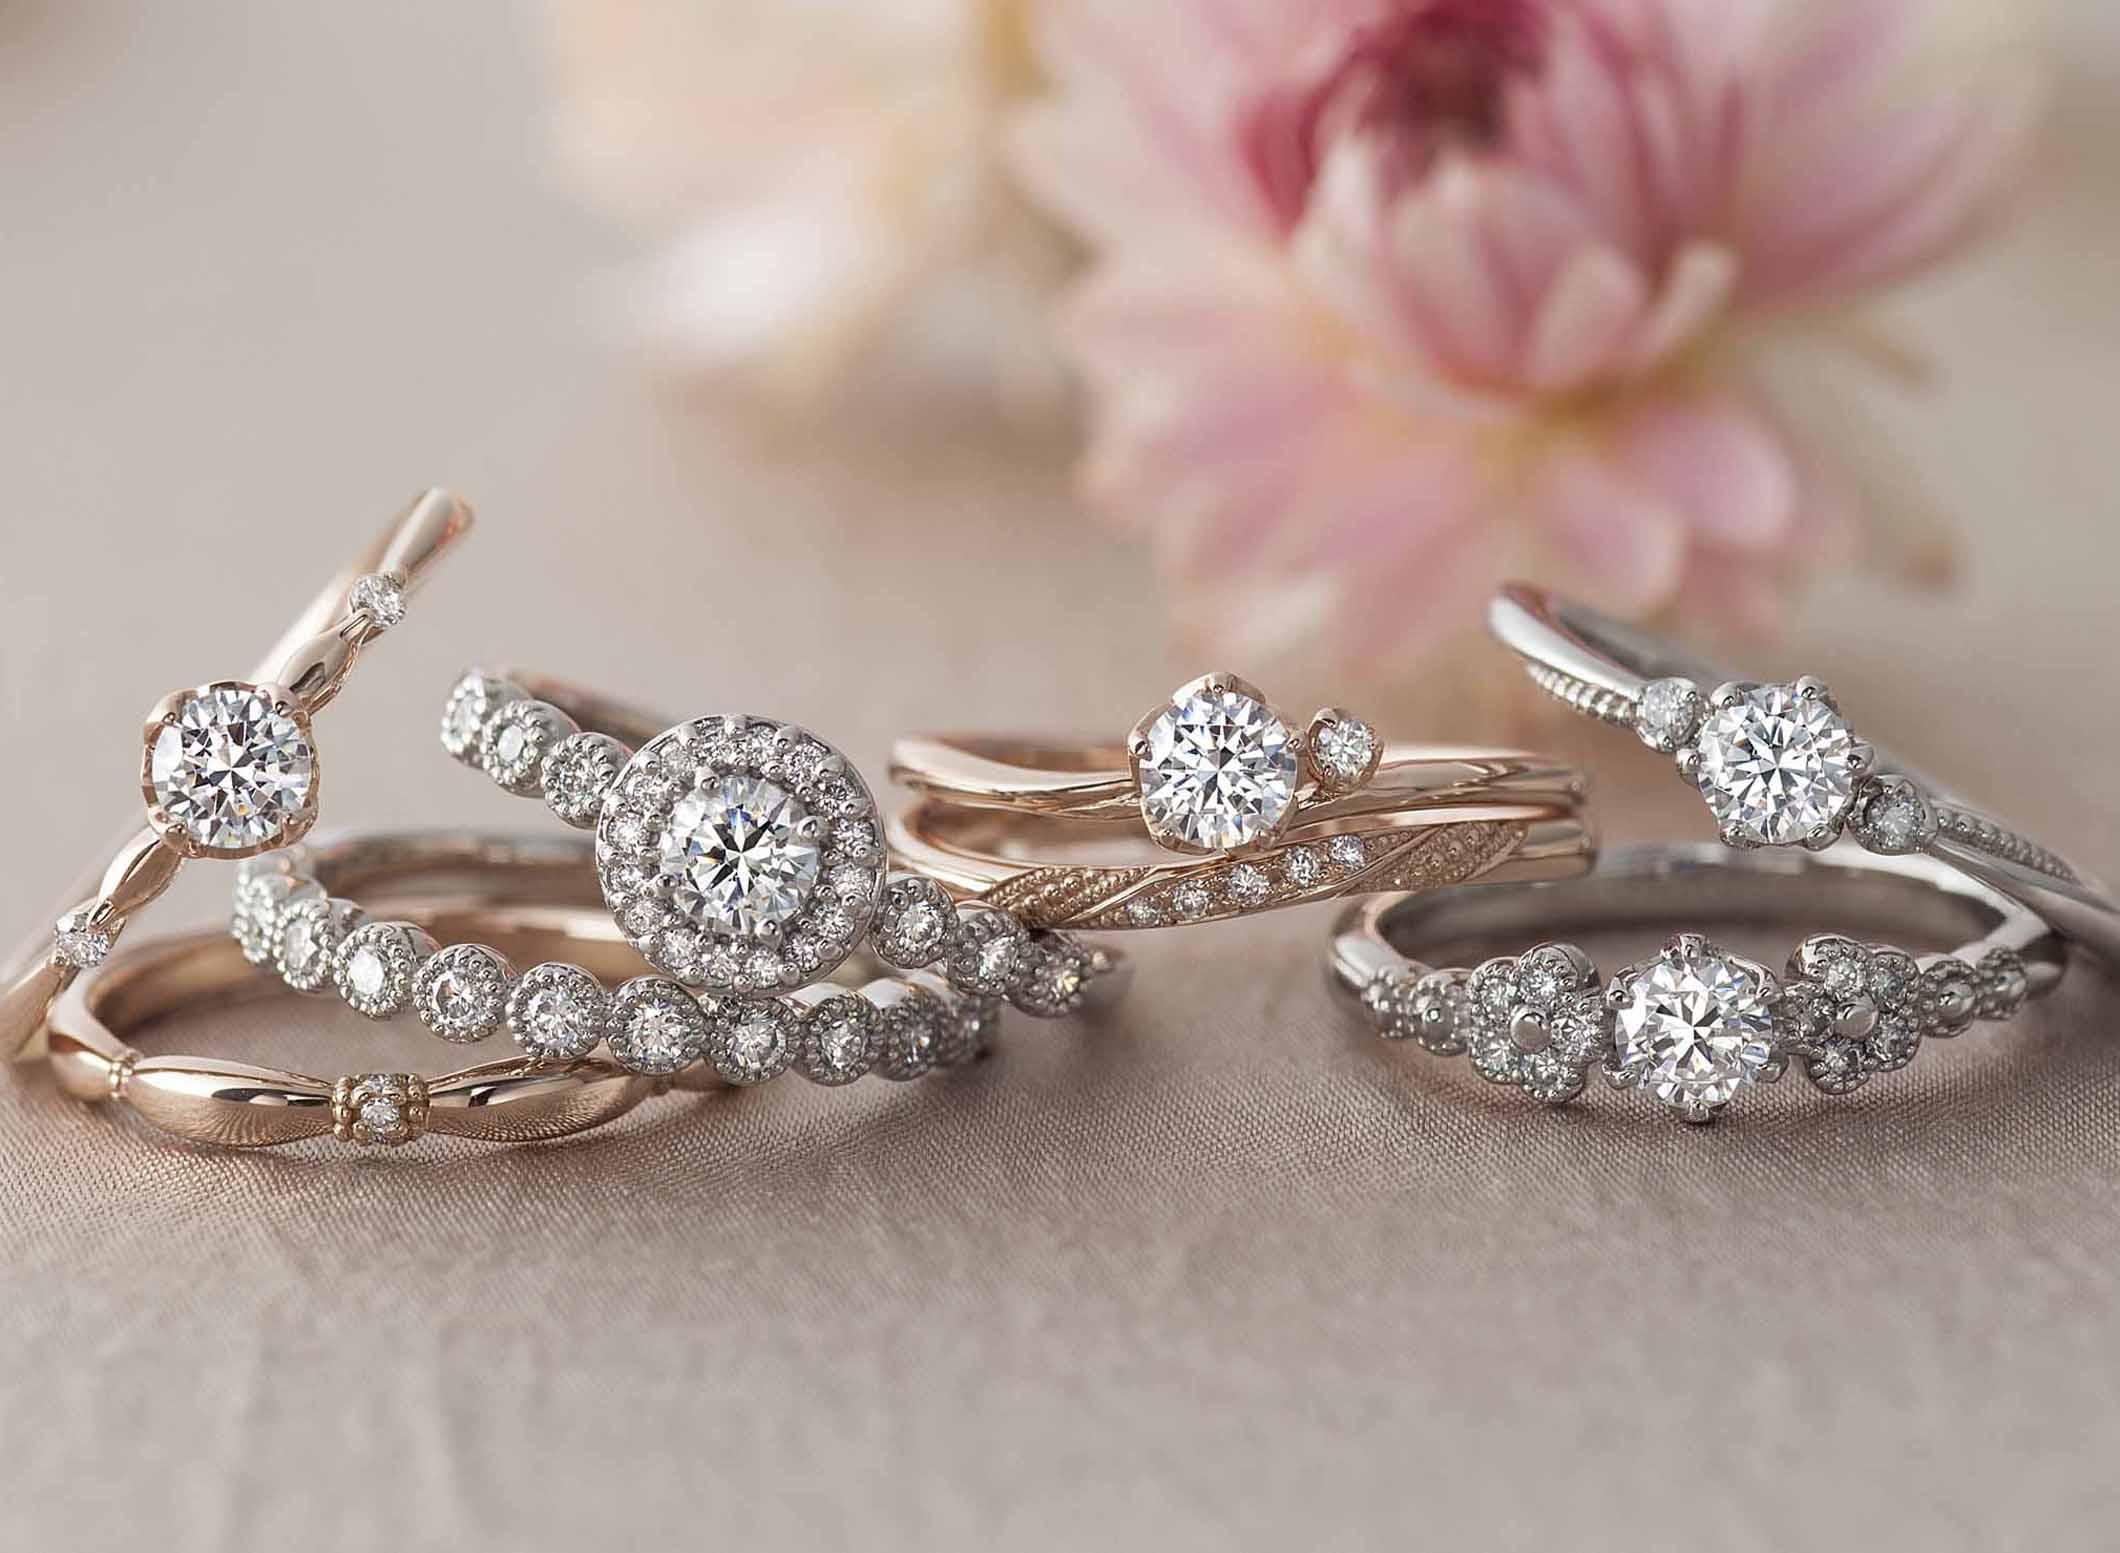 【静岡市・浜松市】結婚指輪(マリッジリング)も可愛くオシャレにこだわりたい!そんな方にはPRIMA PORTA(プリマポルタ)がオススメ♡